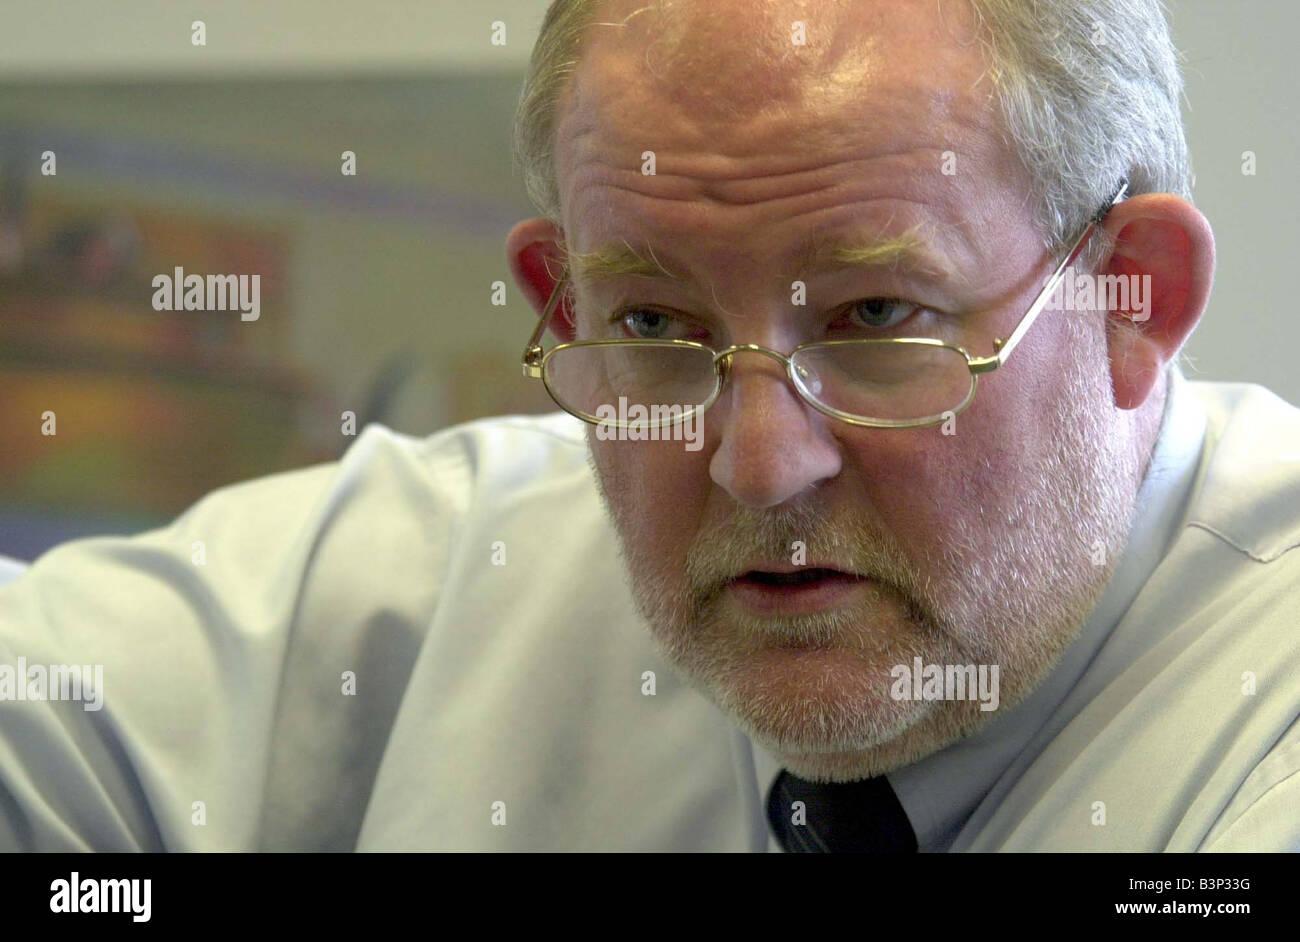 Charles Clarke MP May 2003 Education Secretary - Stock Image